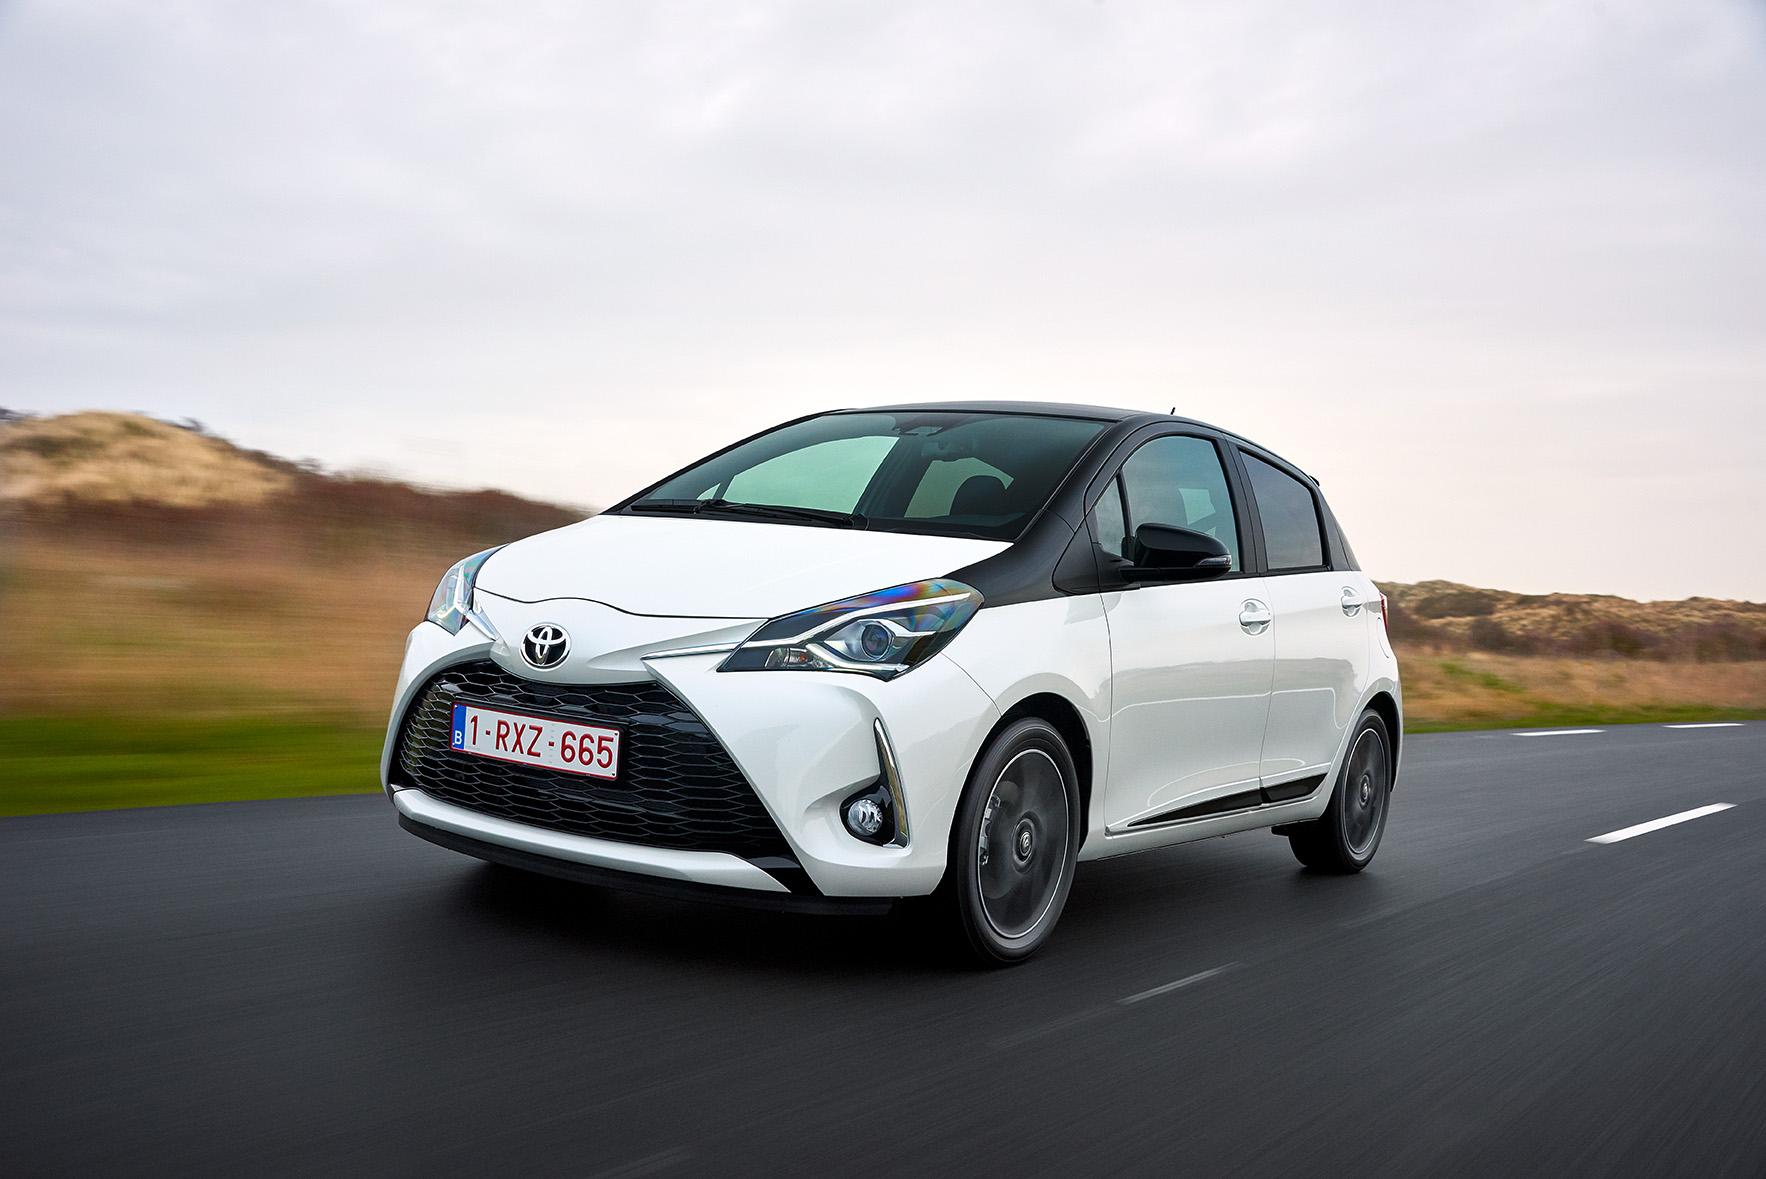 Toyota Yaris Türkiye'de İlk Kez İstanbul Autoshow'da Görüye Çıkacak